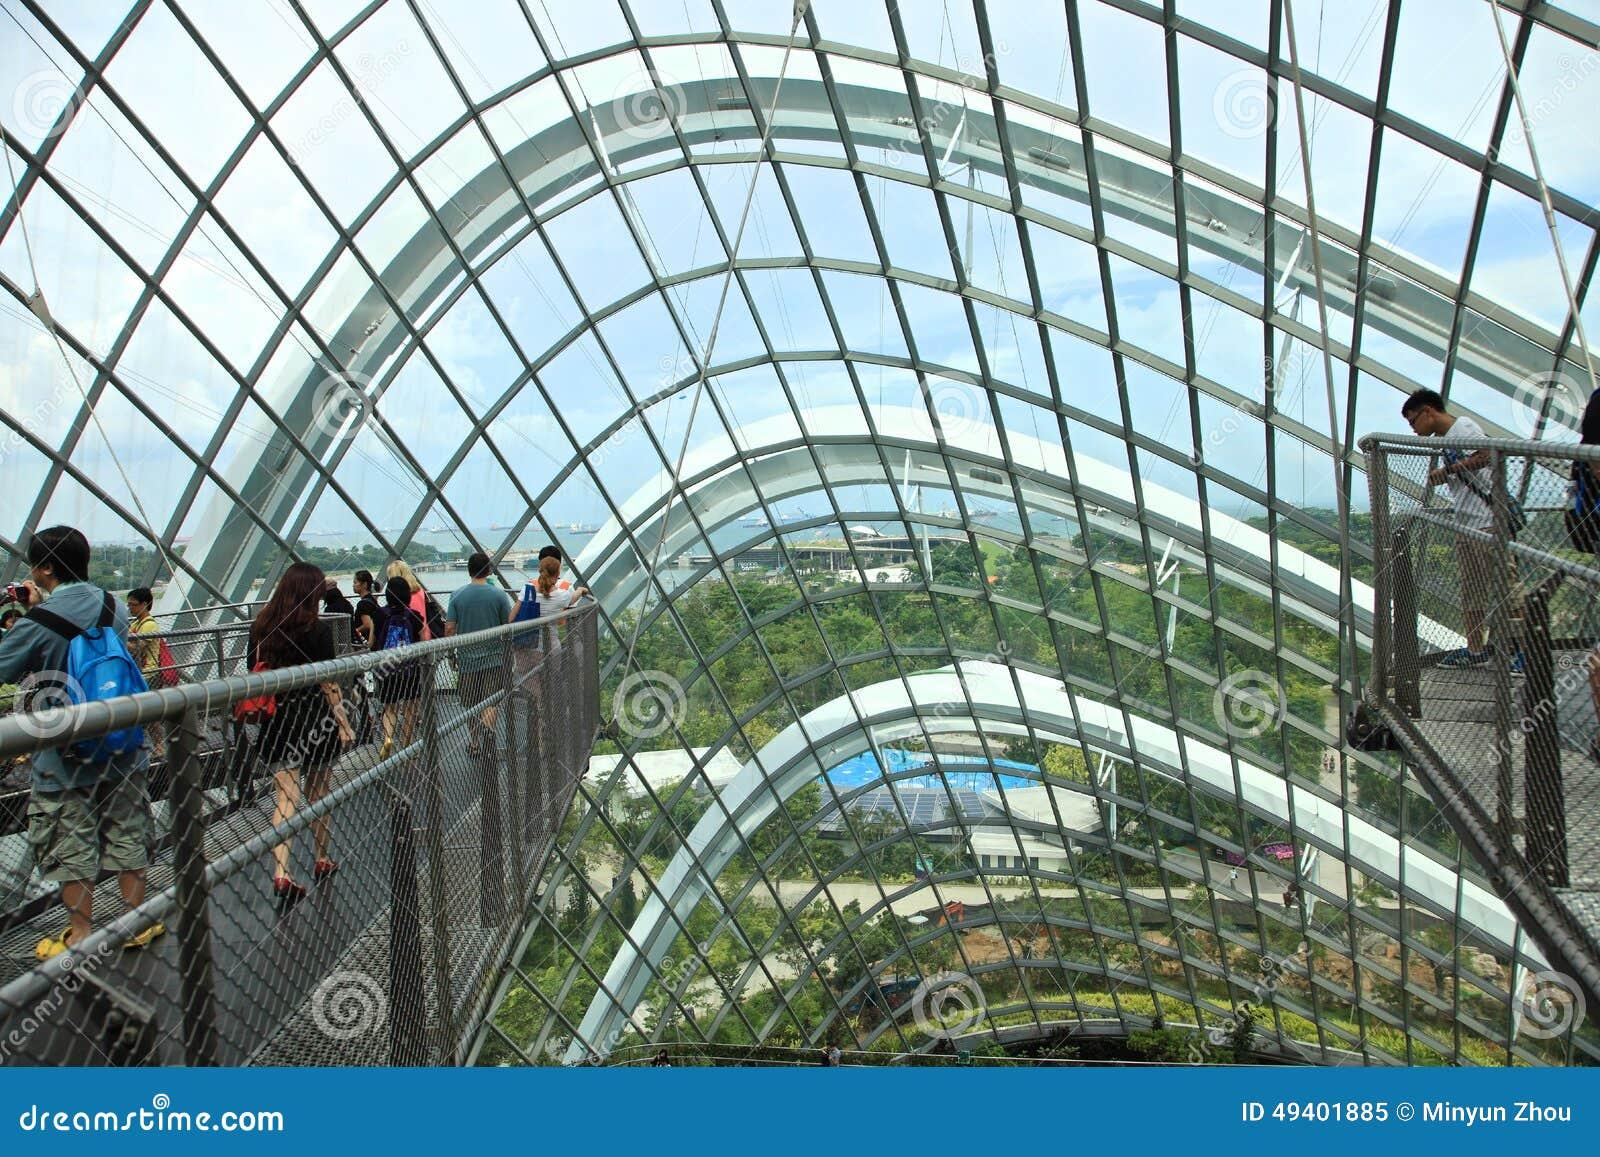 Download Wolken-Wald, Gärten Durch Den Schacht Redaktionelles Bild - Bild von zieleinheit, hintergrund: 49401885